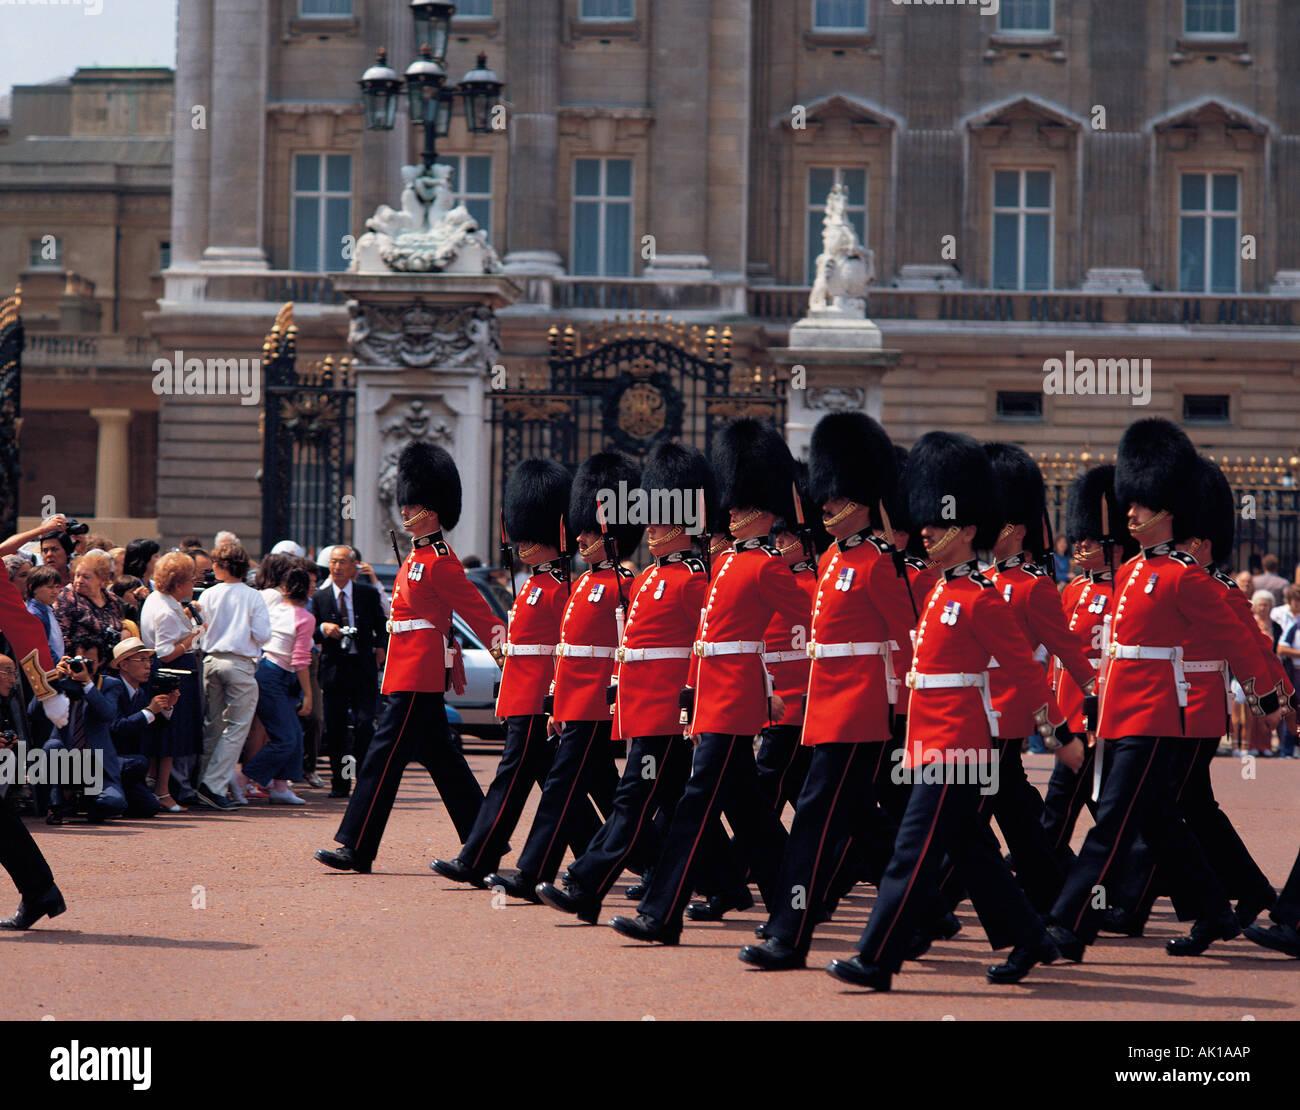 United Kingdom. England. London. Buckingham Palace. Guardsmen marching. - Stock Image